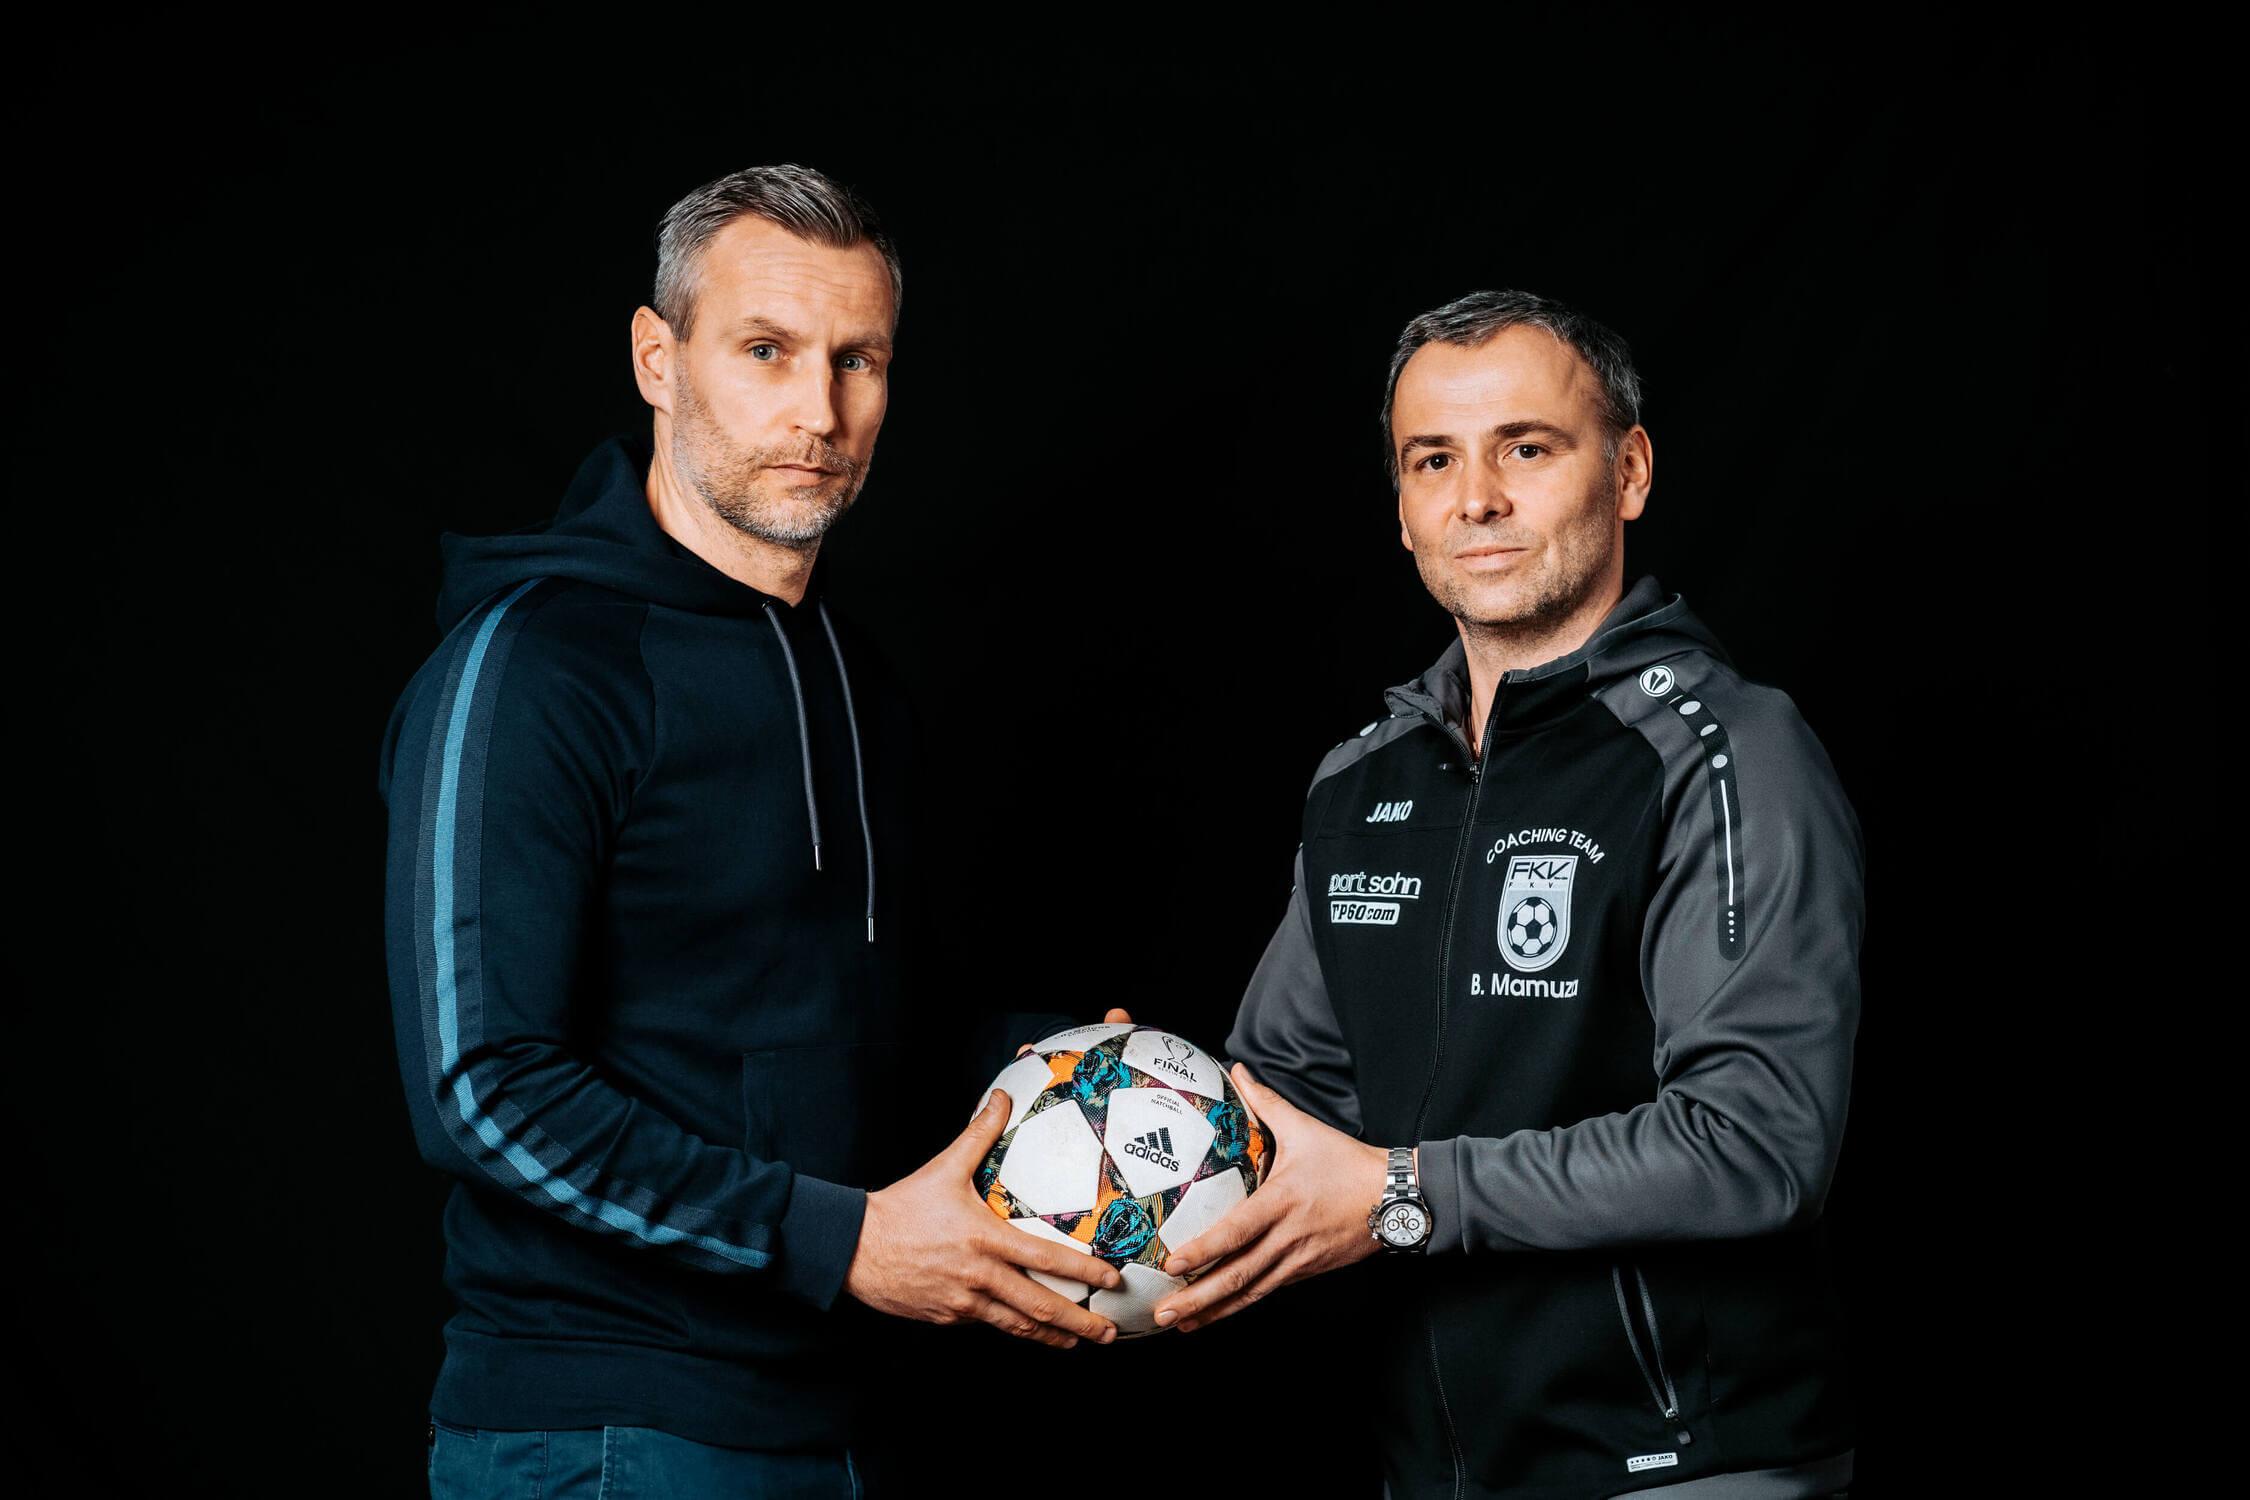 Timo Wenzel und Bozidar Mamuza halten einen Fußball gemeinsam in den Händen